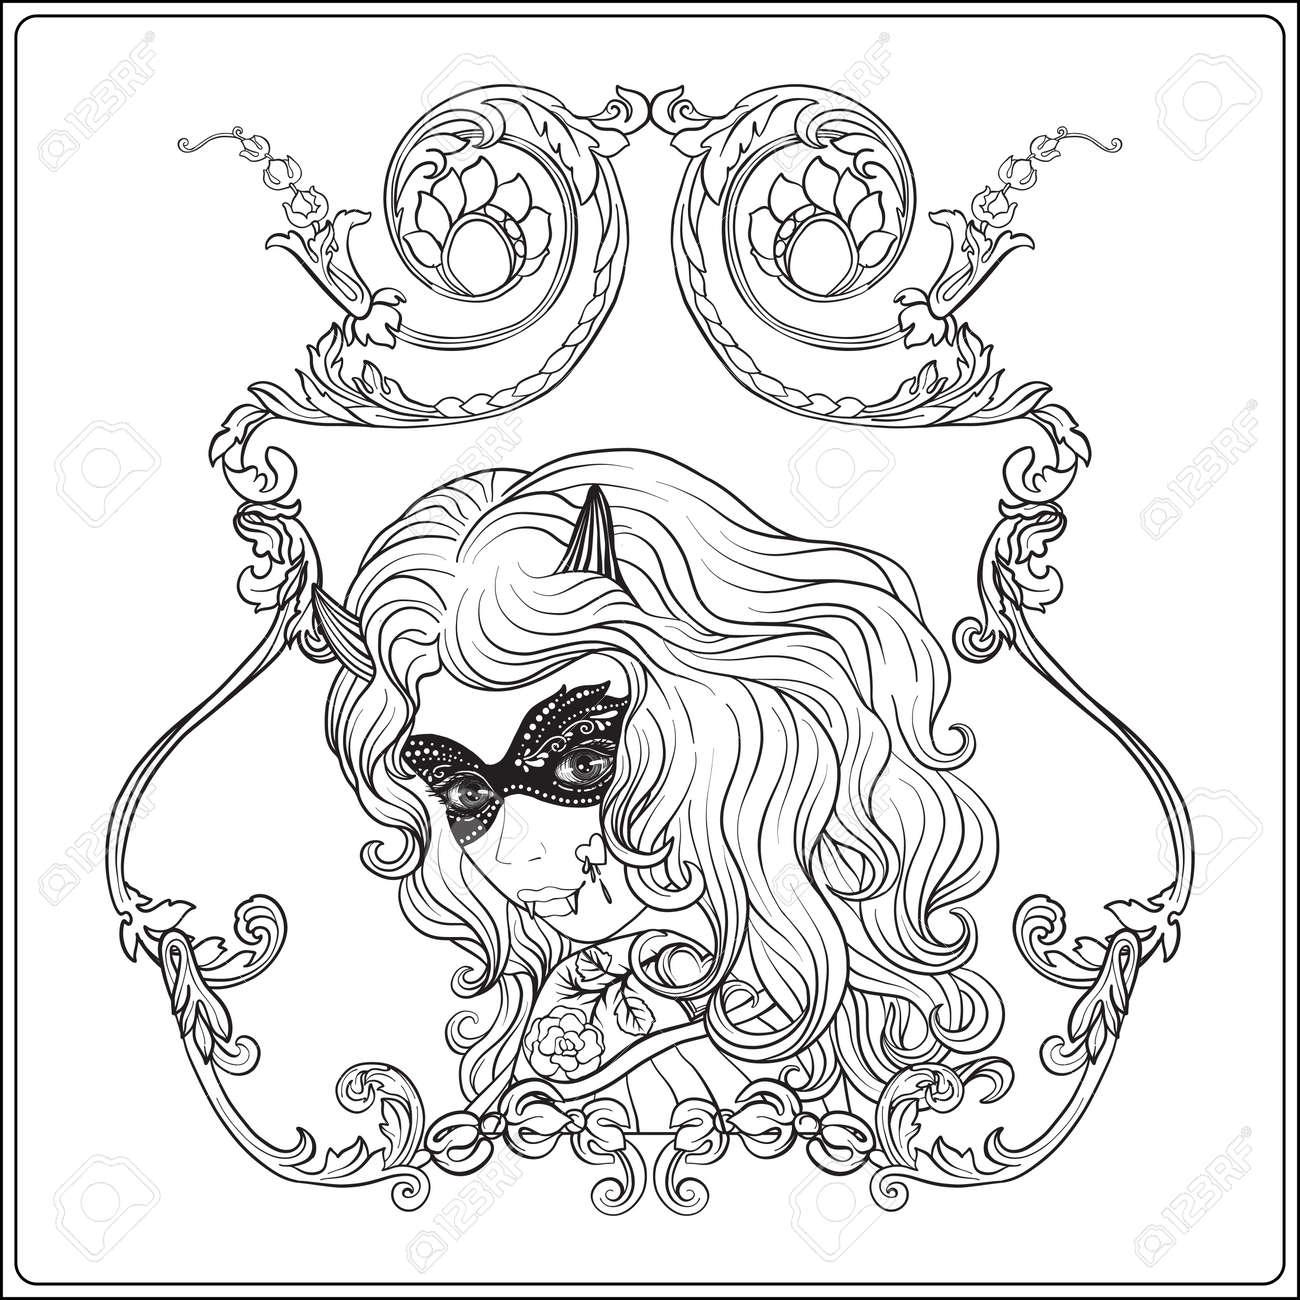 Portrait D Une Belle Fille A Halloween Composent Dans Un Cadre Decoratif Pour Dessiner Le Livre De Coloriage